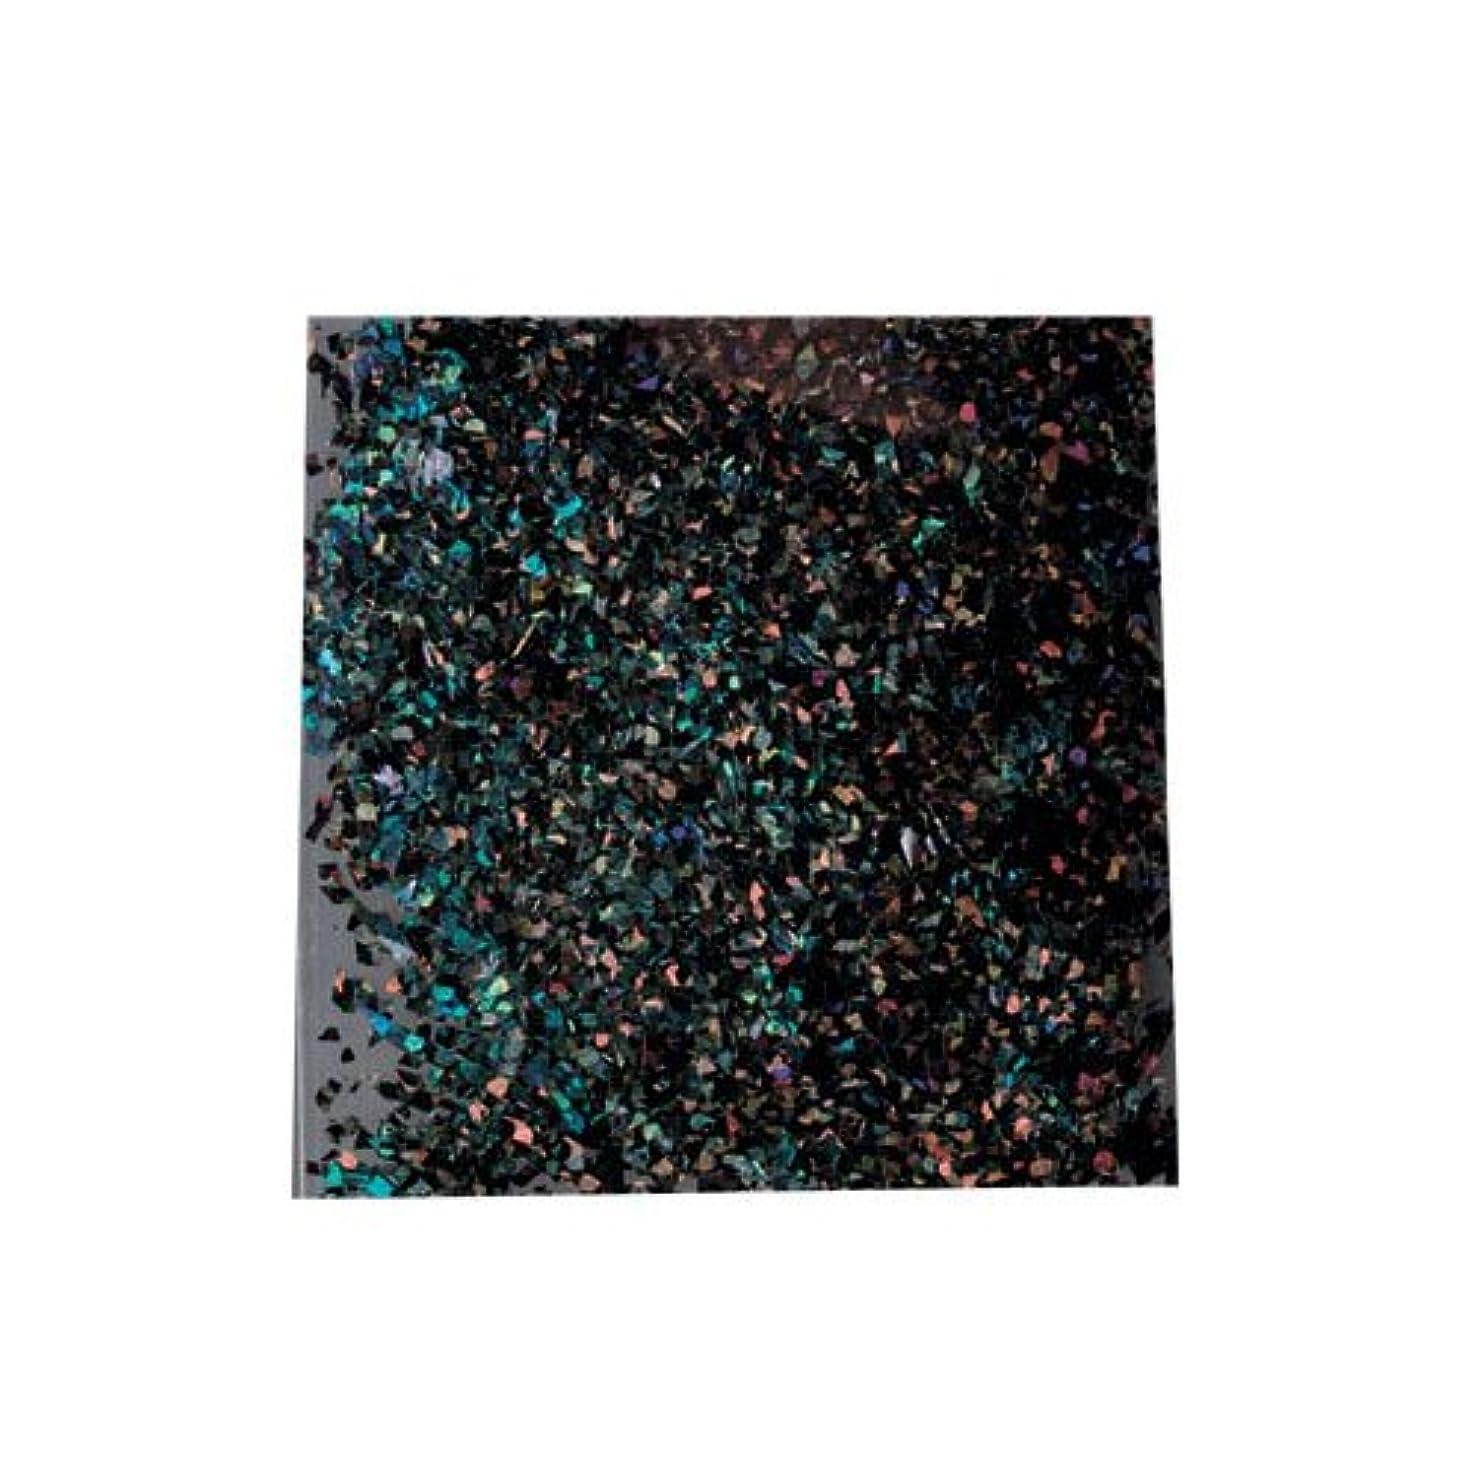 介入するサイレントコンベンションピカエース 乱切ホロ #897 ブラック 0.5g アート材